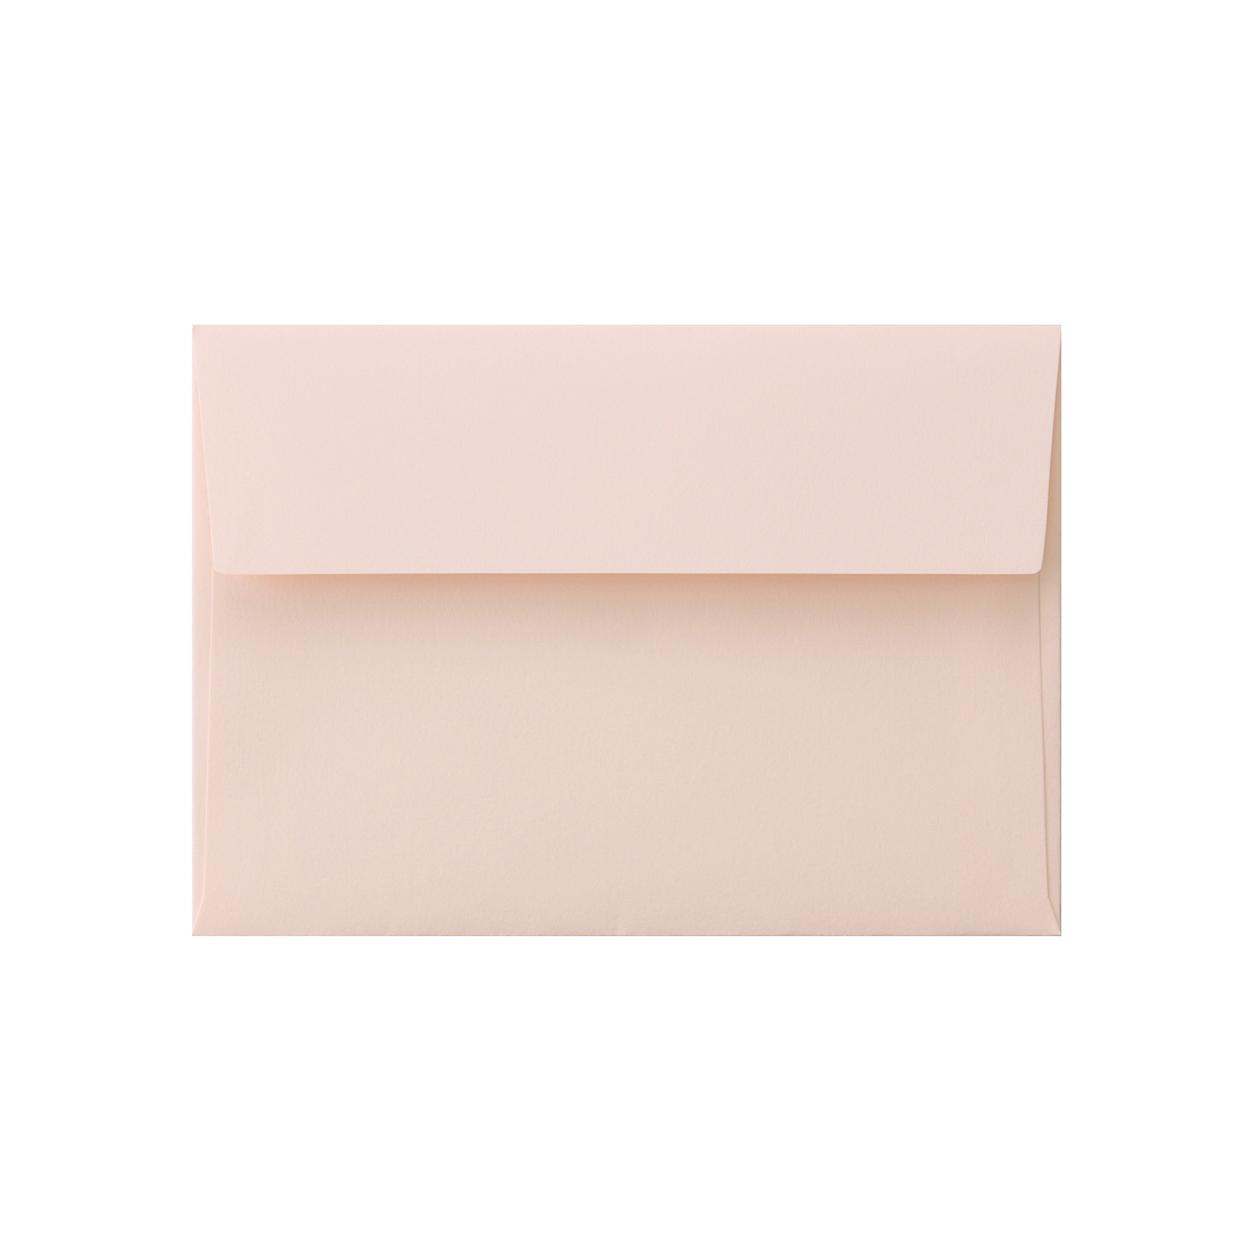 洋2カマス封筒 コットン ピンク 116.3g